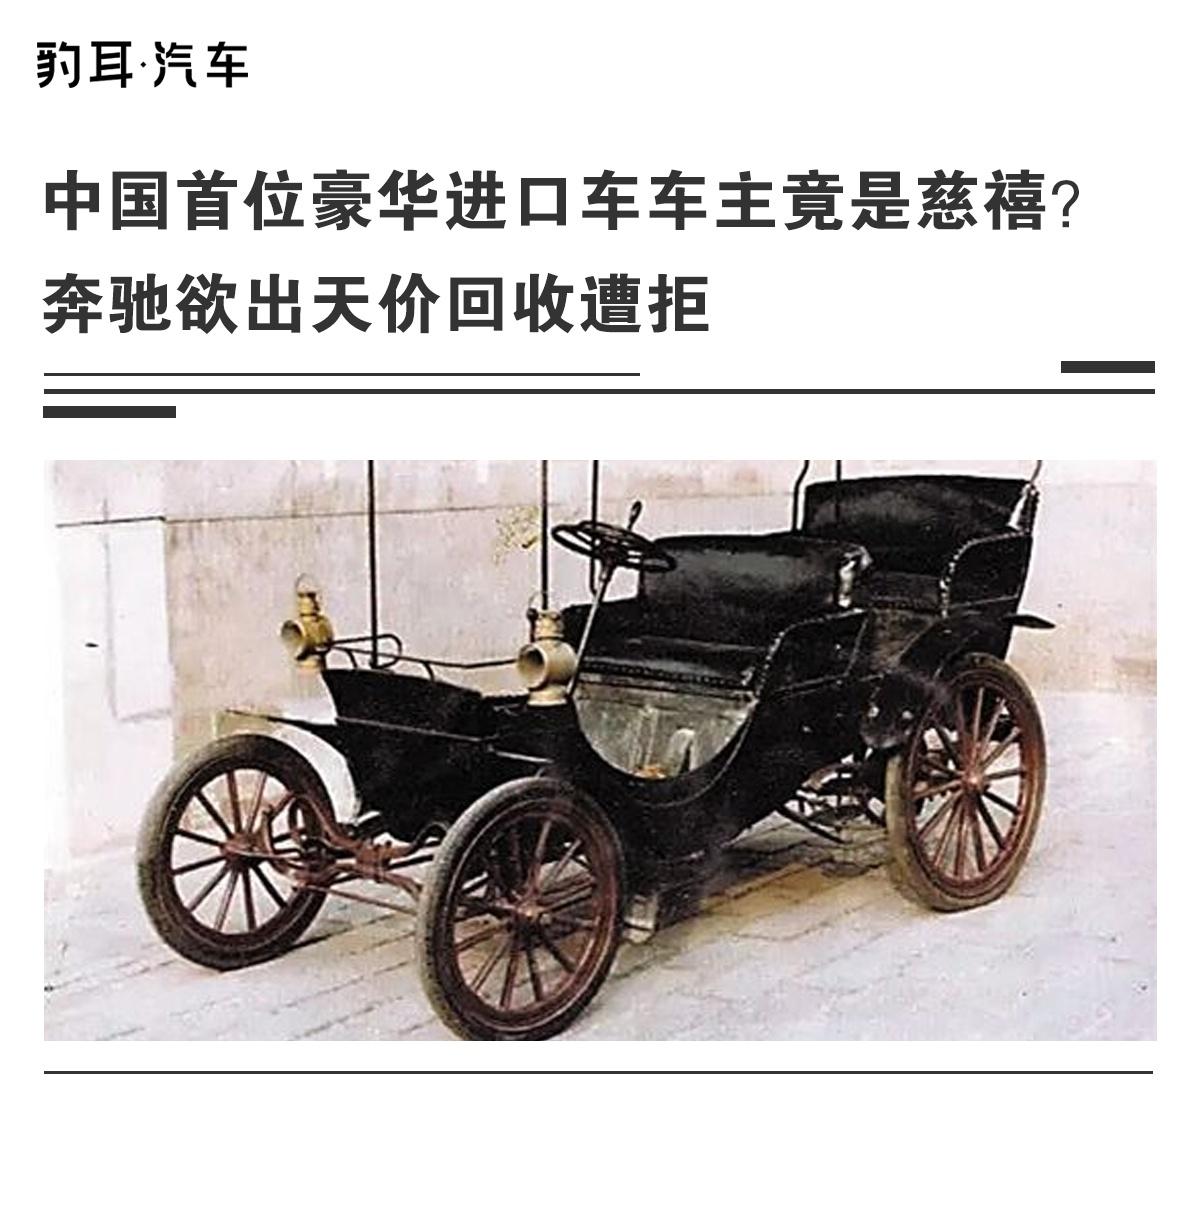 中国首位豪华进口车车主竟是慈禧?奔驰欲出天价回收遭拒